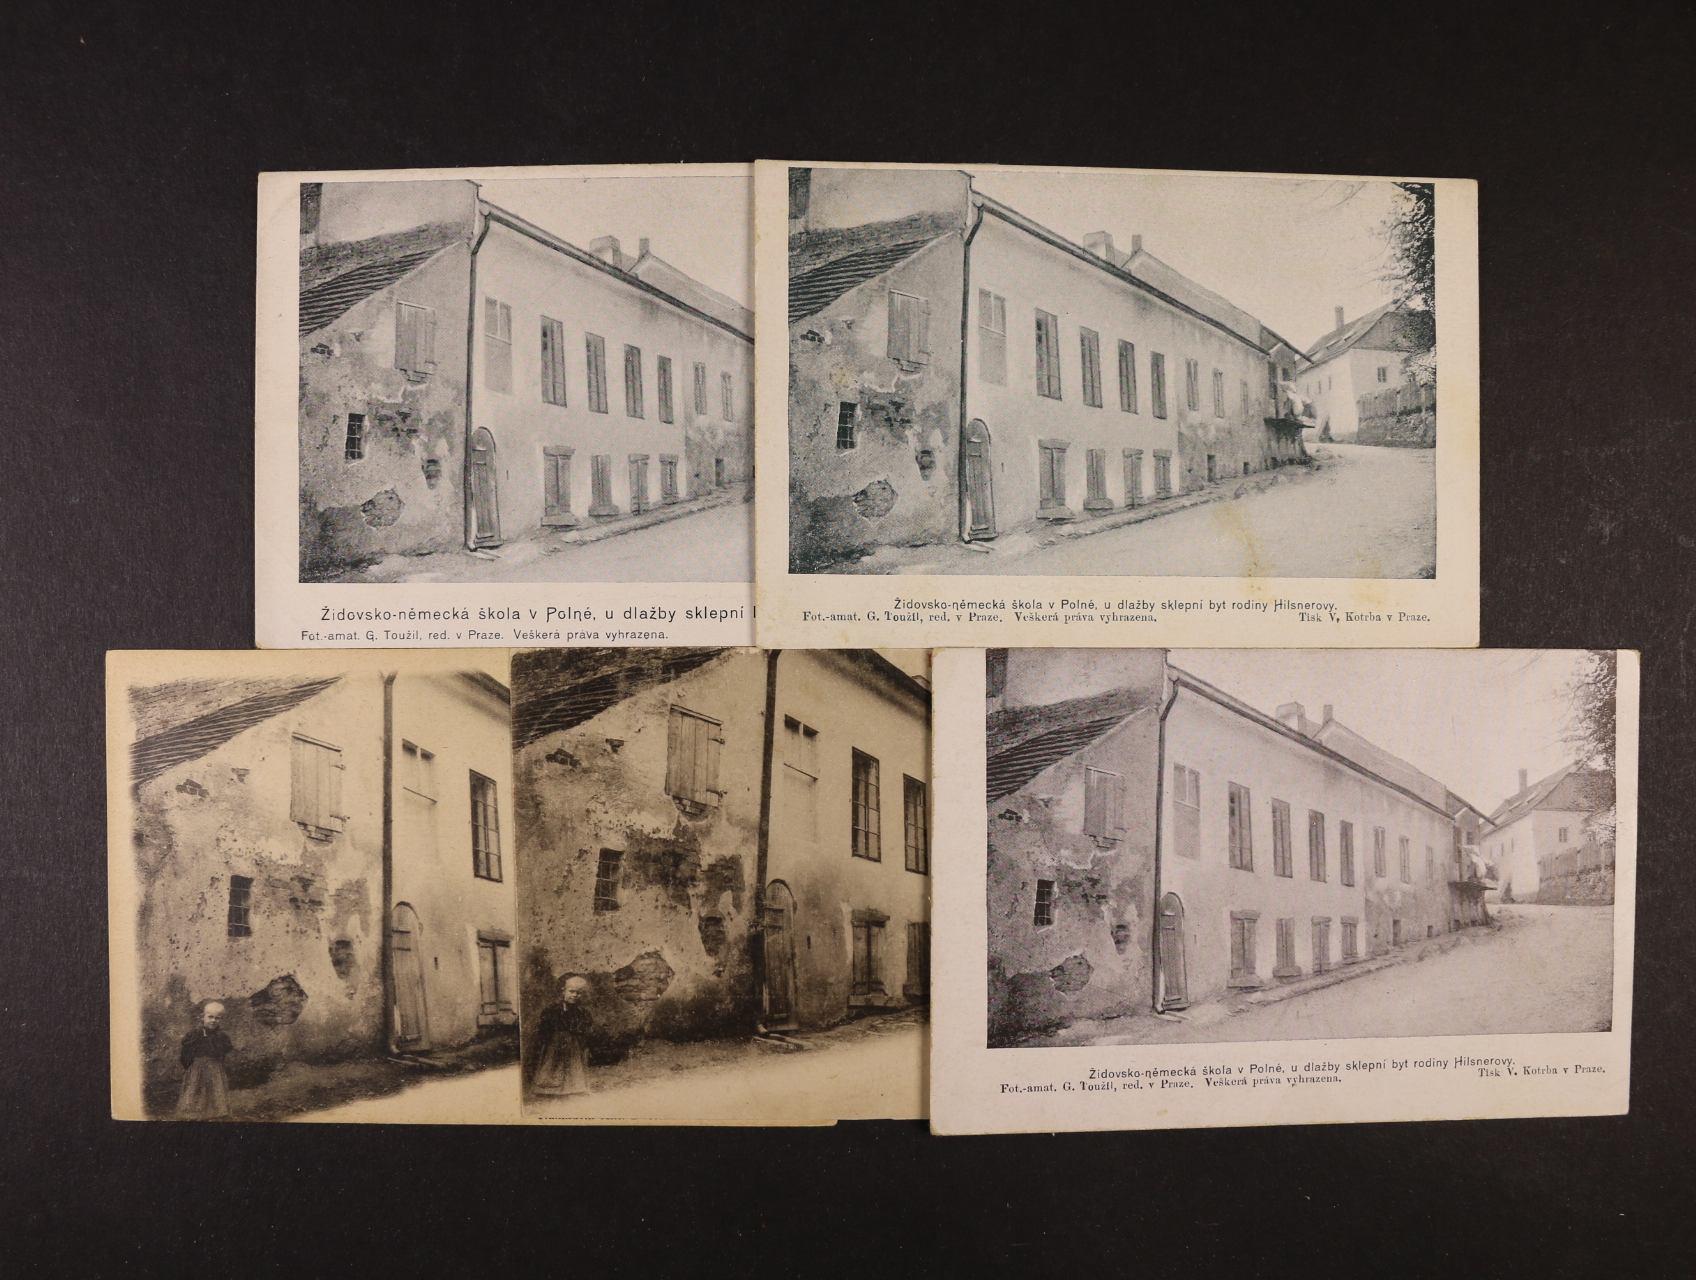 sbírka 159 ks různých bar. i jednobar. pohlednic Polná - Hilsneriáda, použité i nepoužité, různé varianty, uloženo ve dvou zásobnících na pohlednice, zajímavé, k prohlédnutí